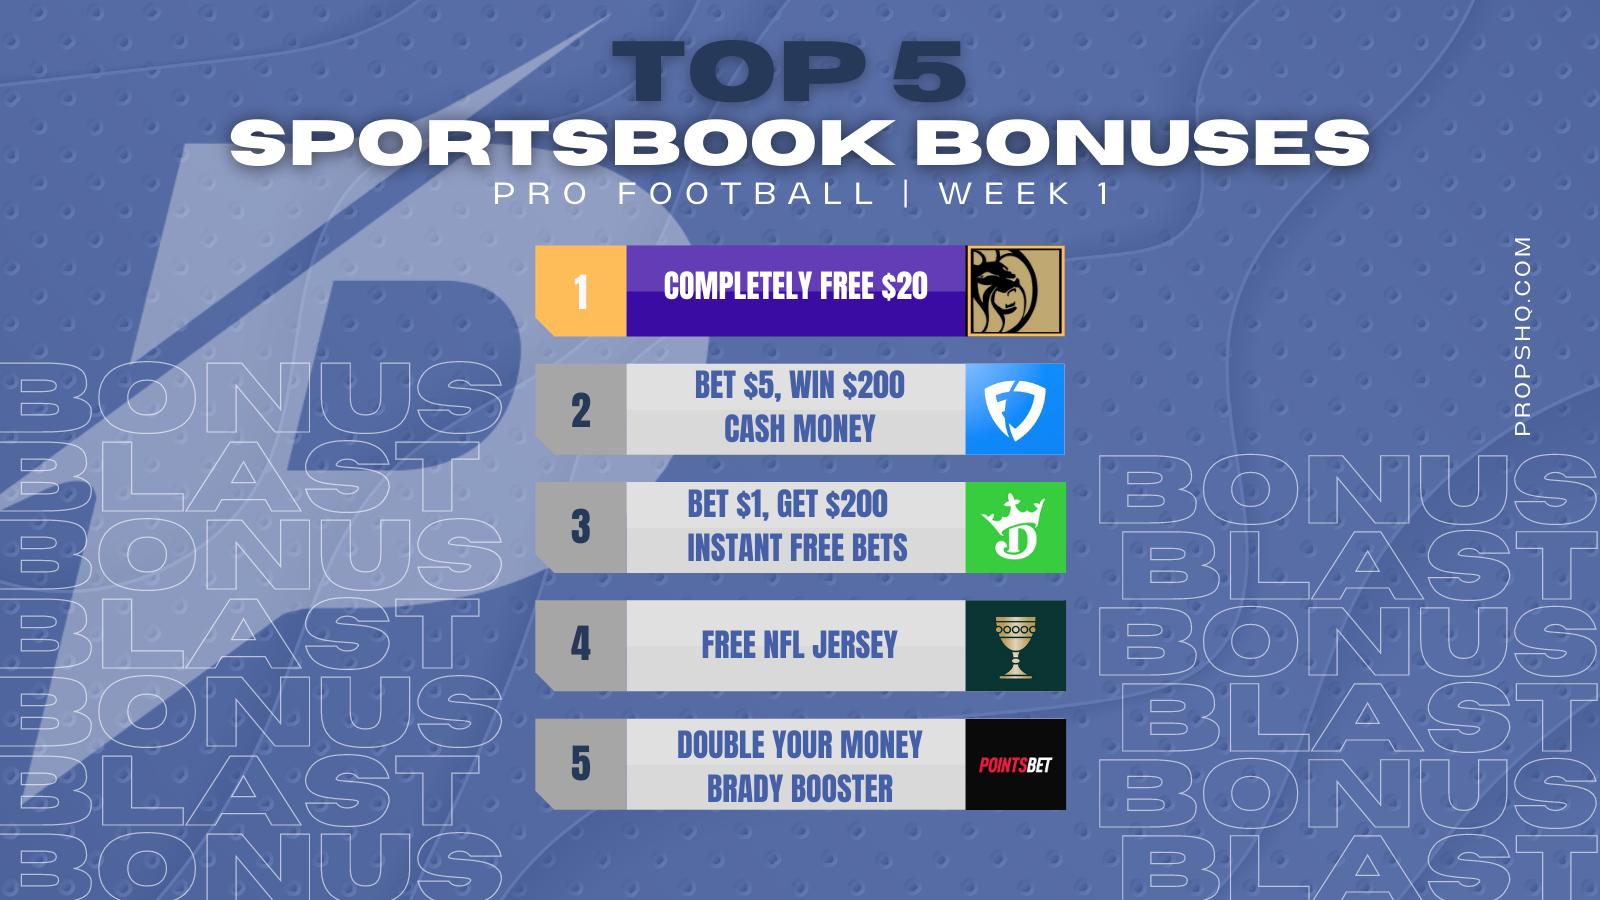 Top 5 Sportsbook Bonuses for 2021 NFL Week 1